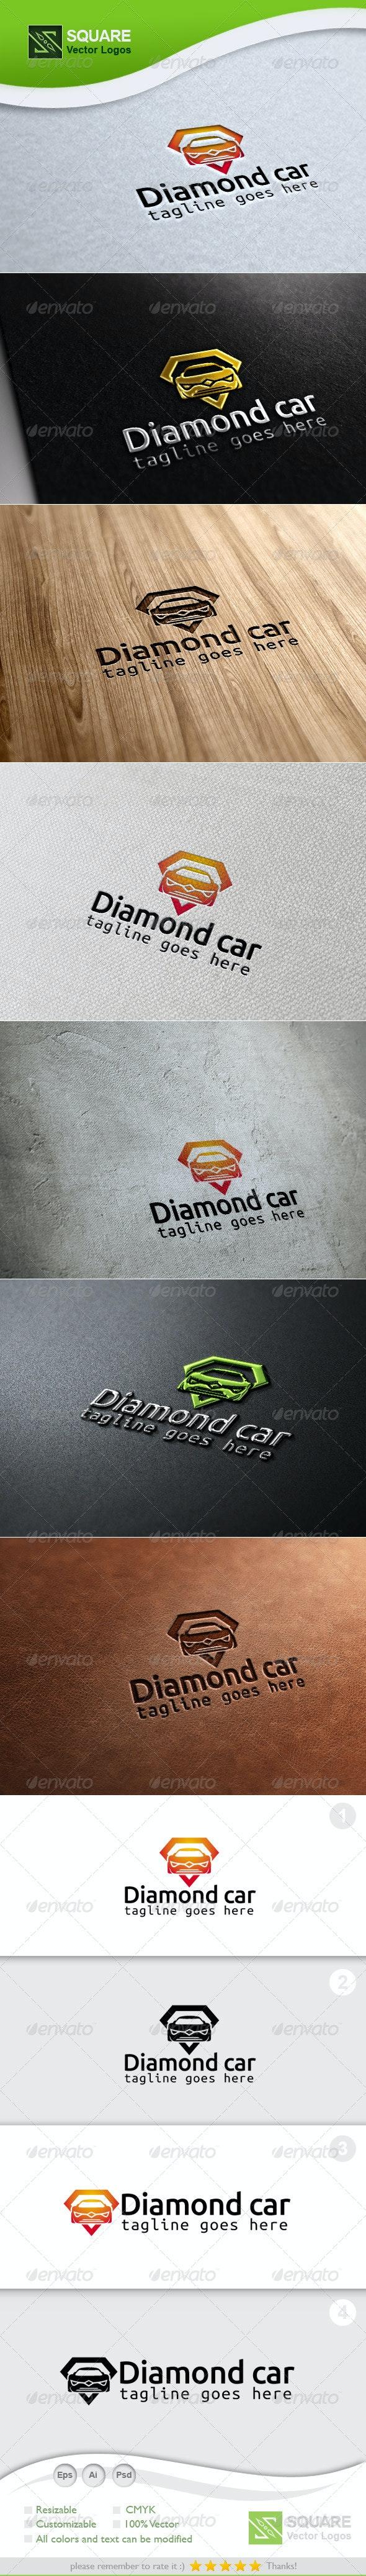 Diamond, Car Vector Logo Template - Symbols Logo Templates